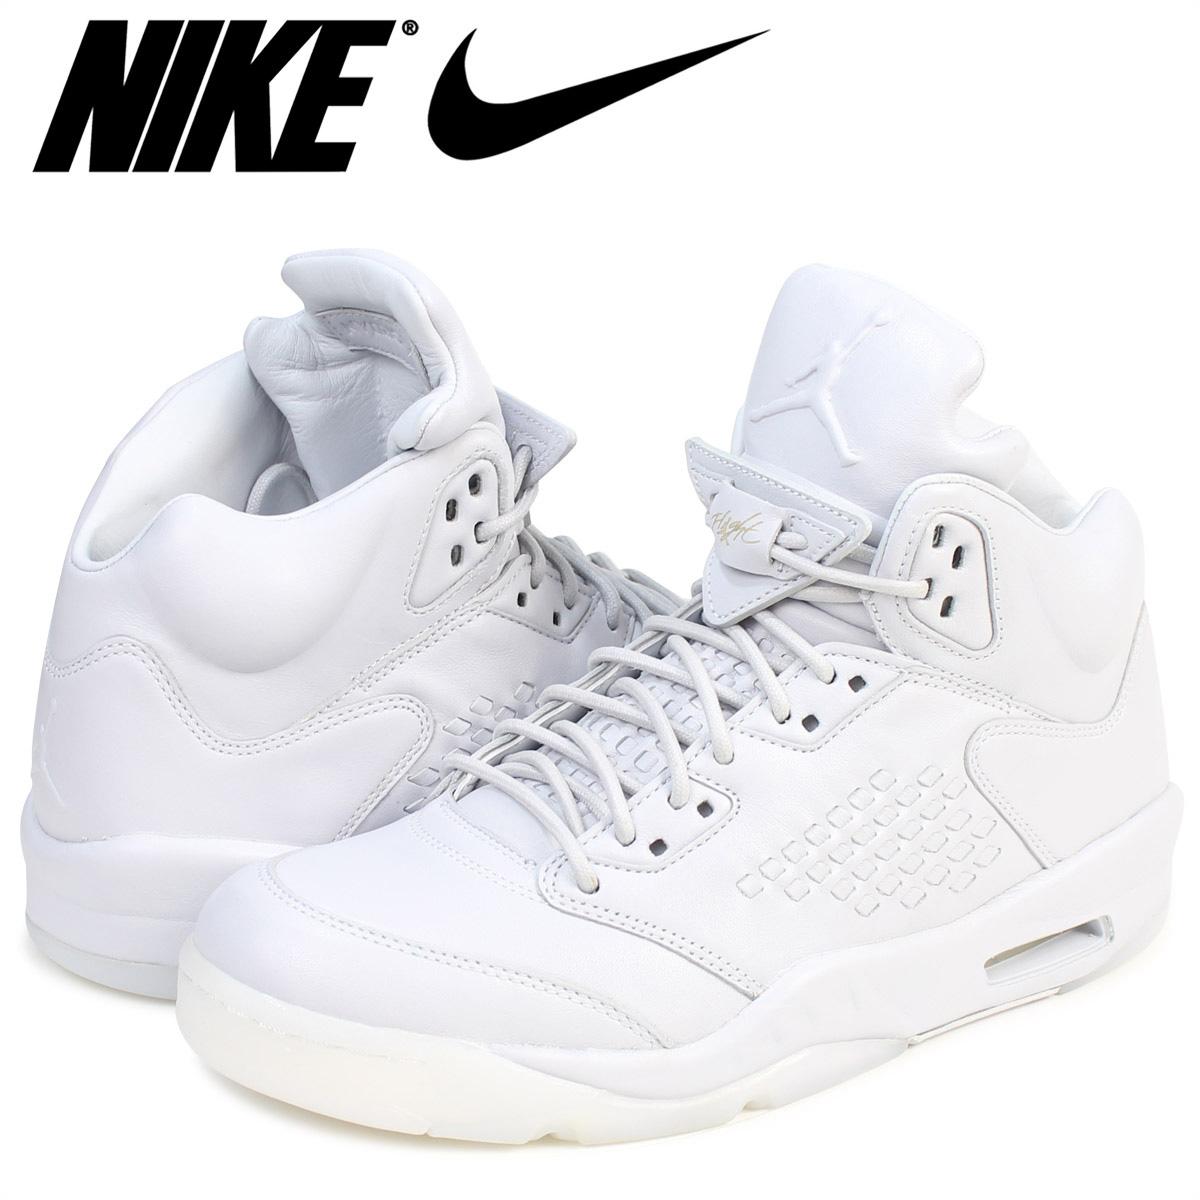 ALLSPORTS  NIKE Nike Air Jordan 5 sneakers AIR JORDAN 5 RETRO ... eec9bf5fd